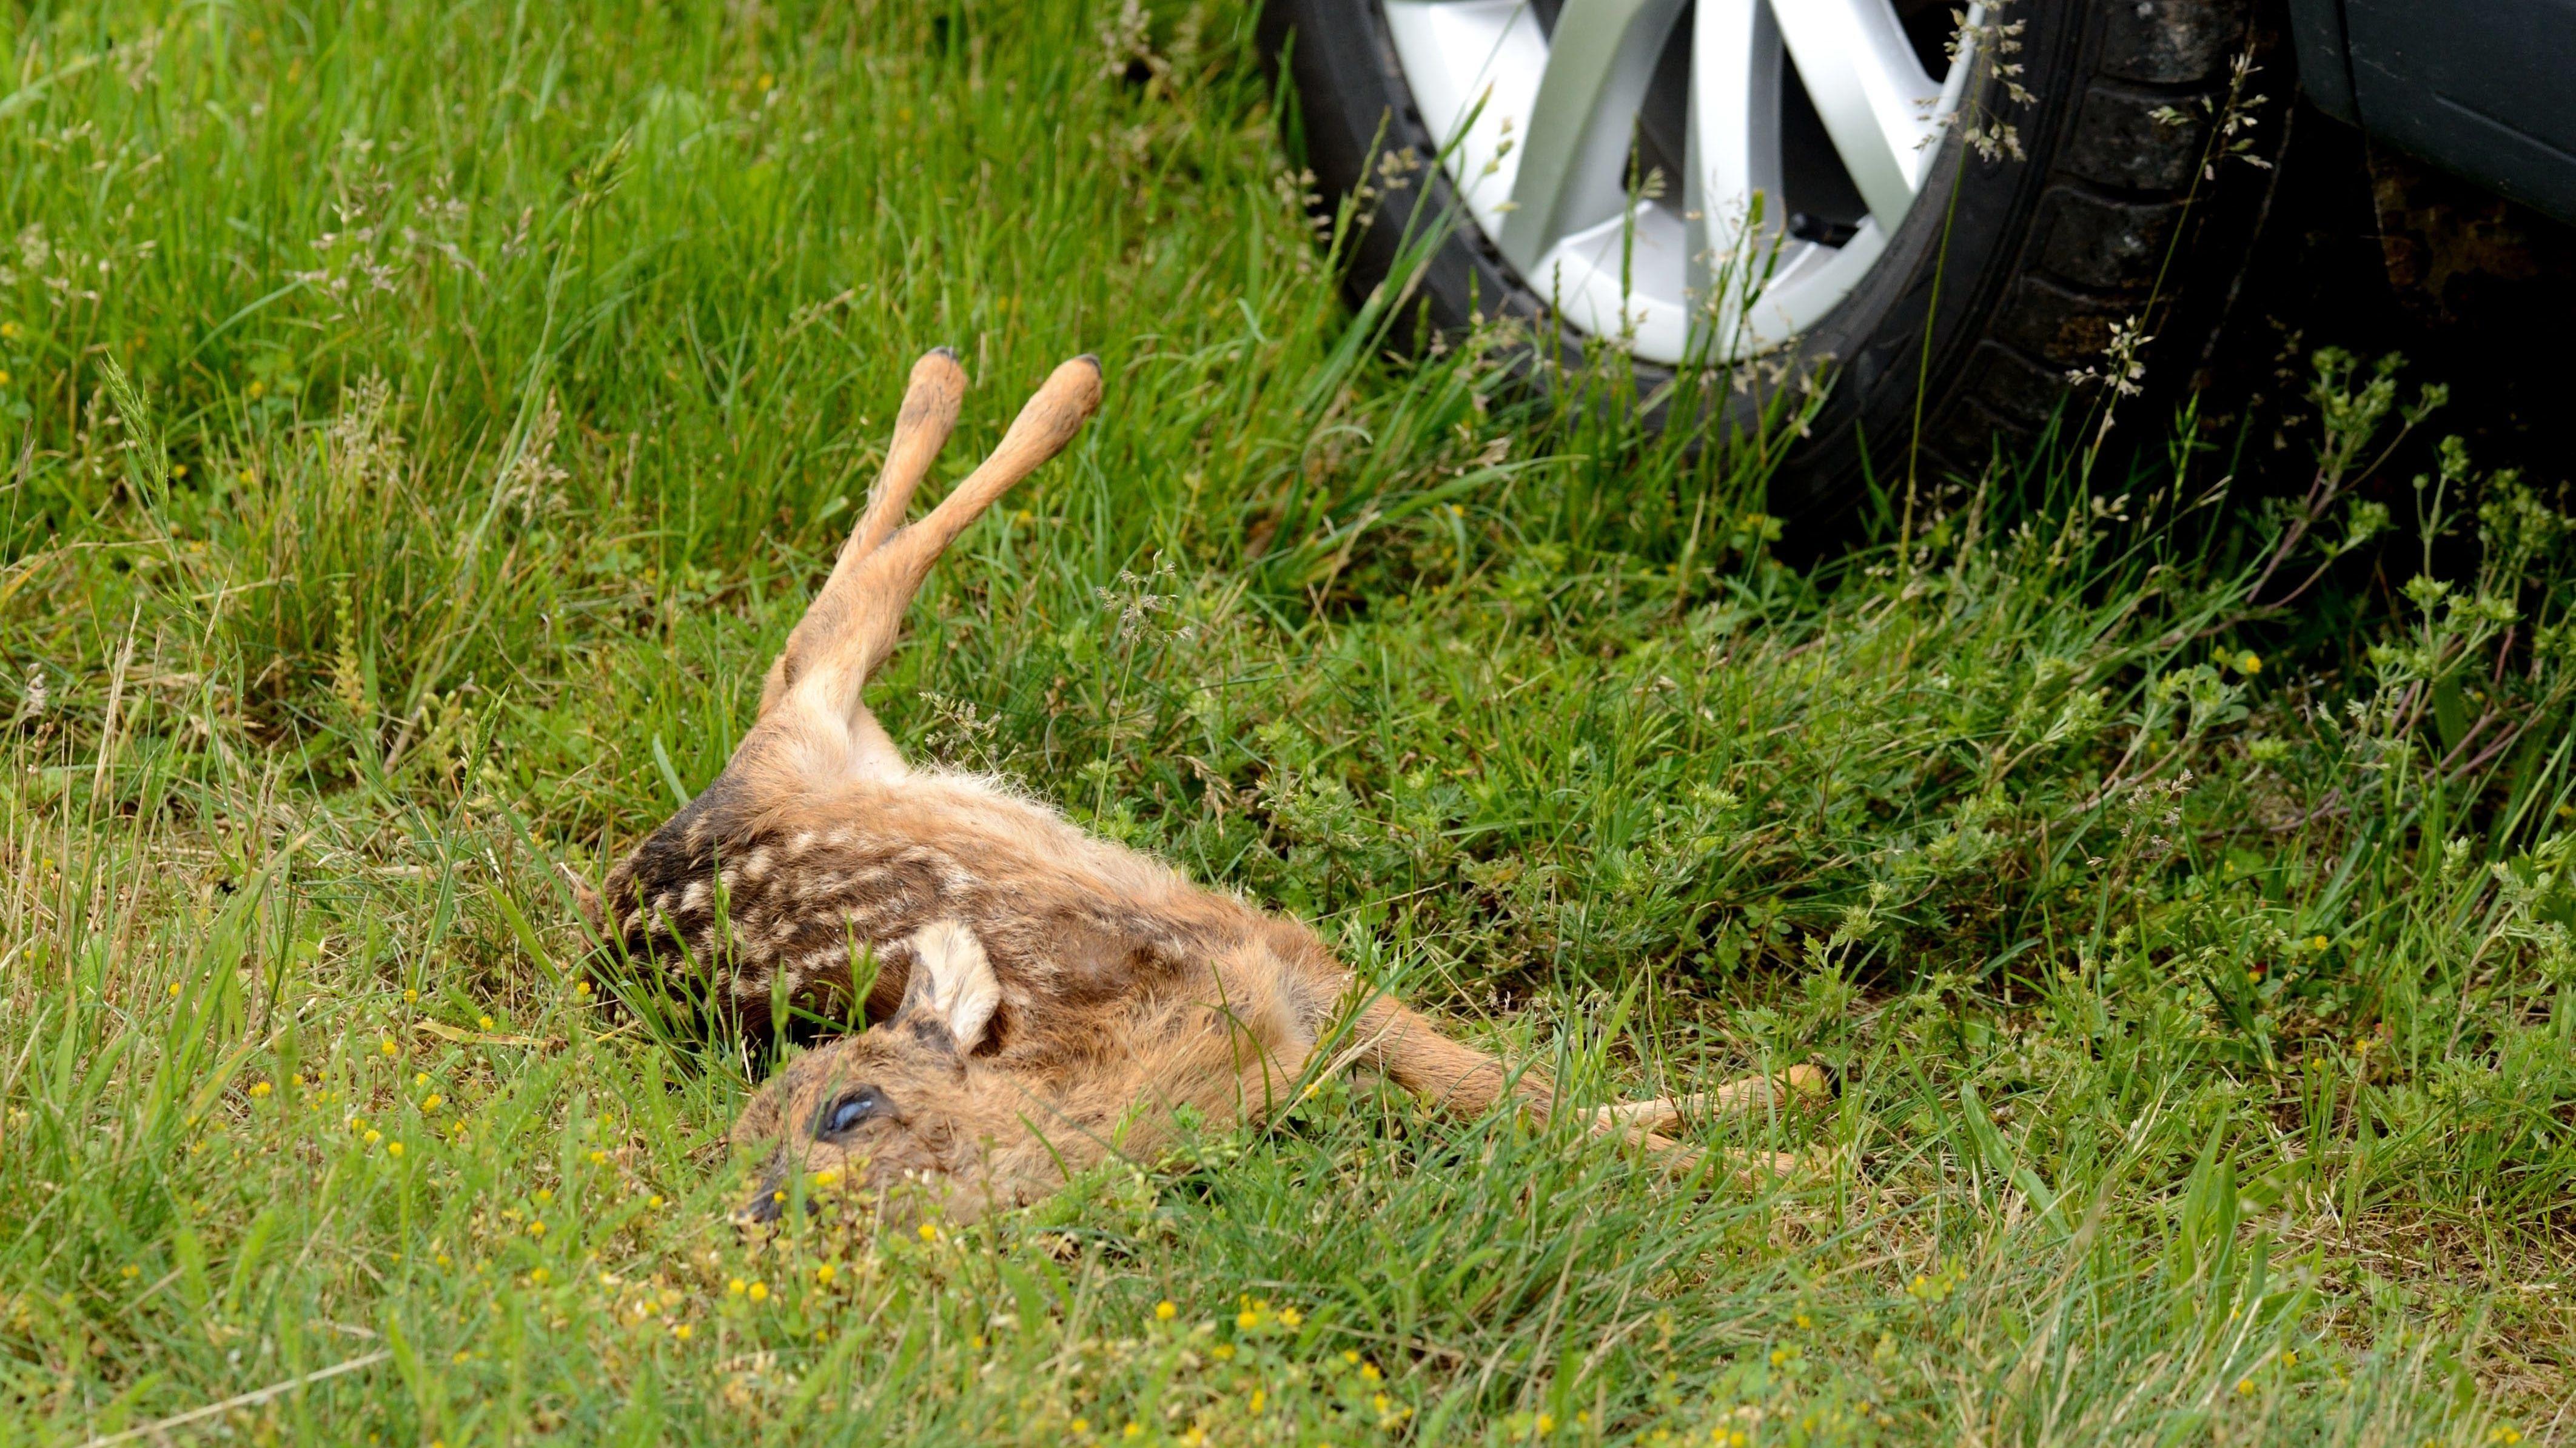 Die Zahl der Wildunfälle in Bayern ist in den letzten zehn Jahren um mehr als 30 Prozent gestiegen. Besonders häufig sind Unfälle mit Rehen.